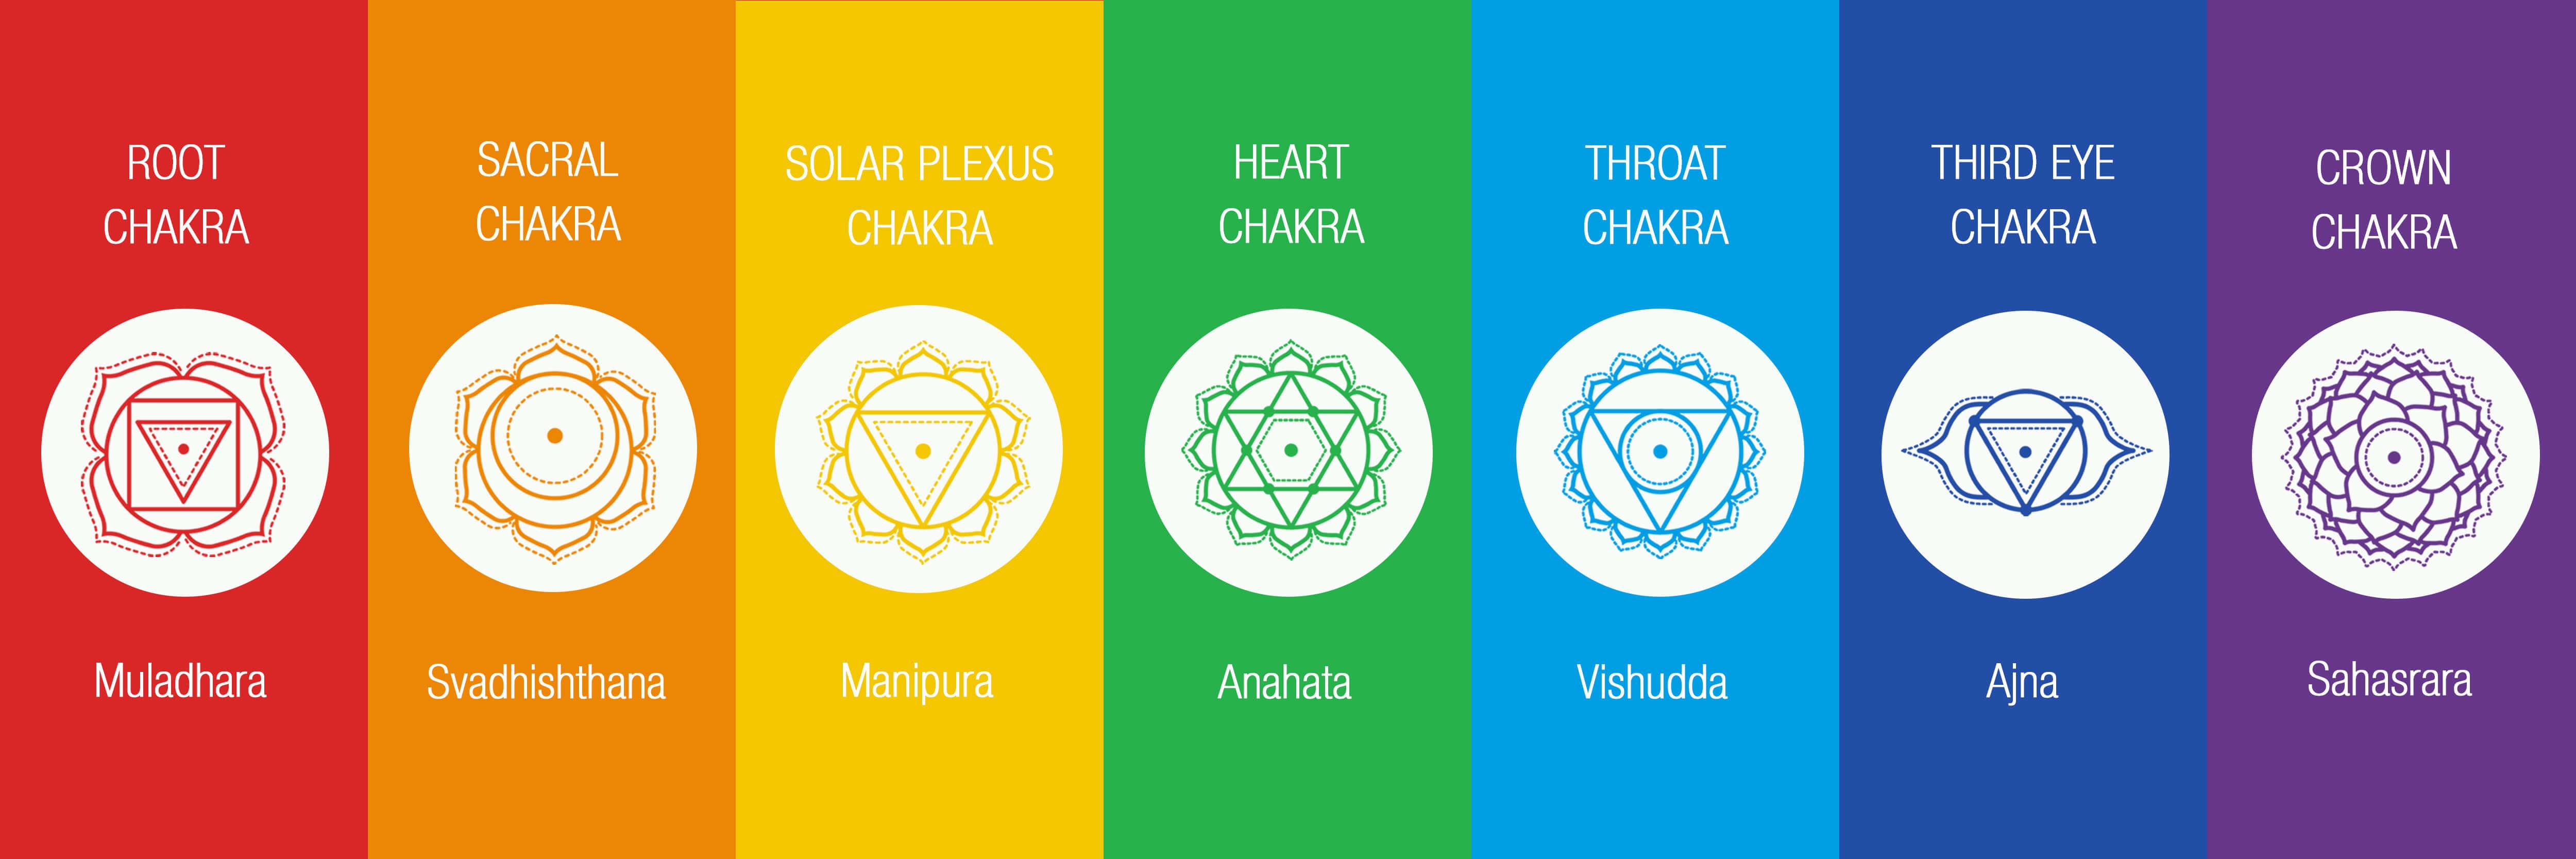 Karmuka Yoga: Las chakras y el sistema endocrino - Karmuka Yoga